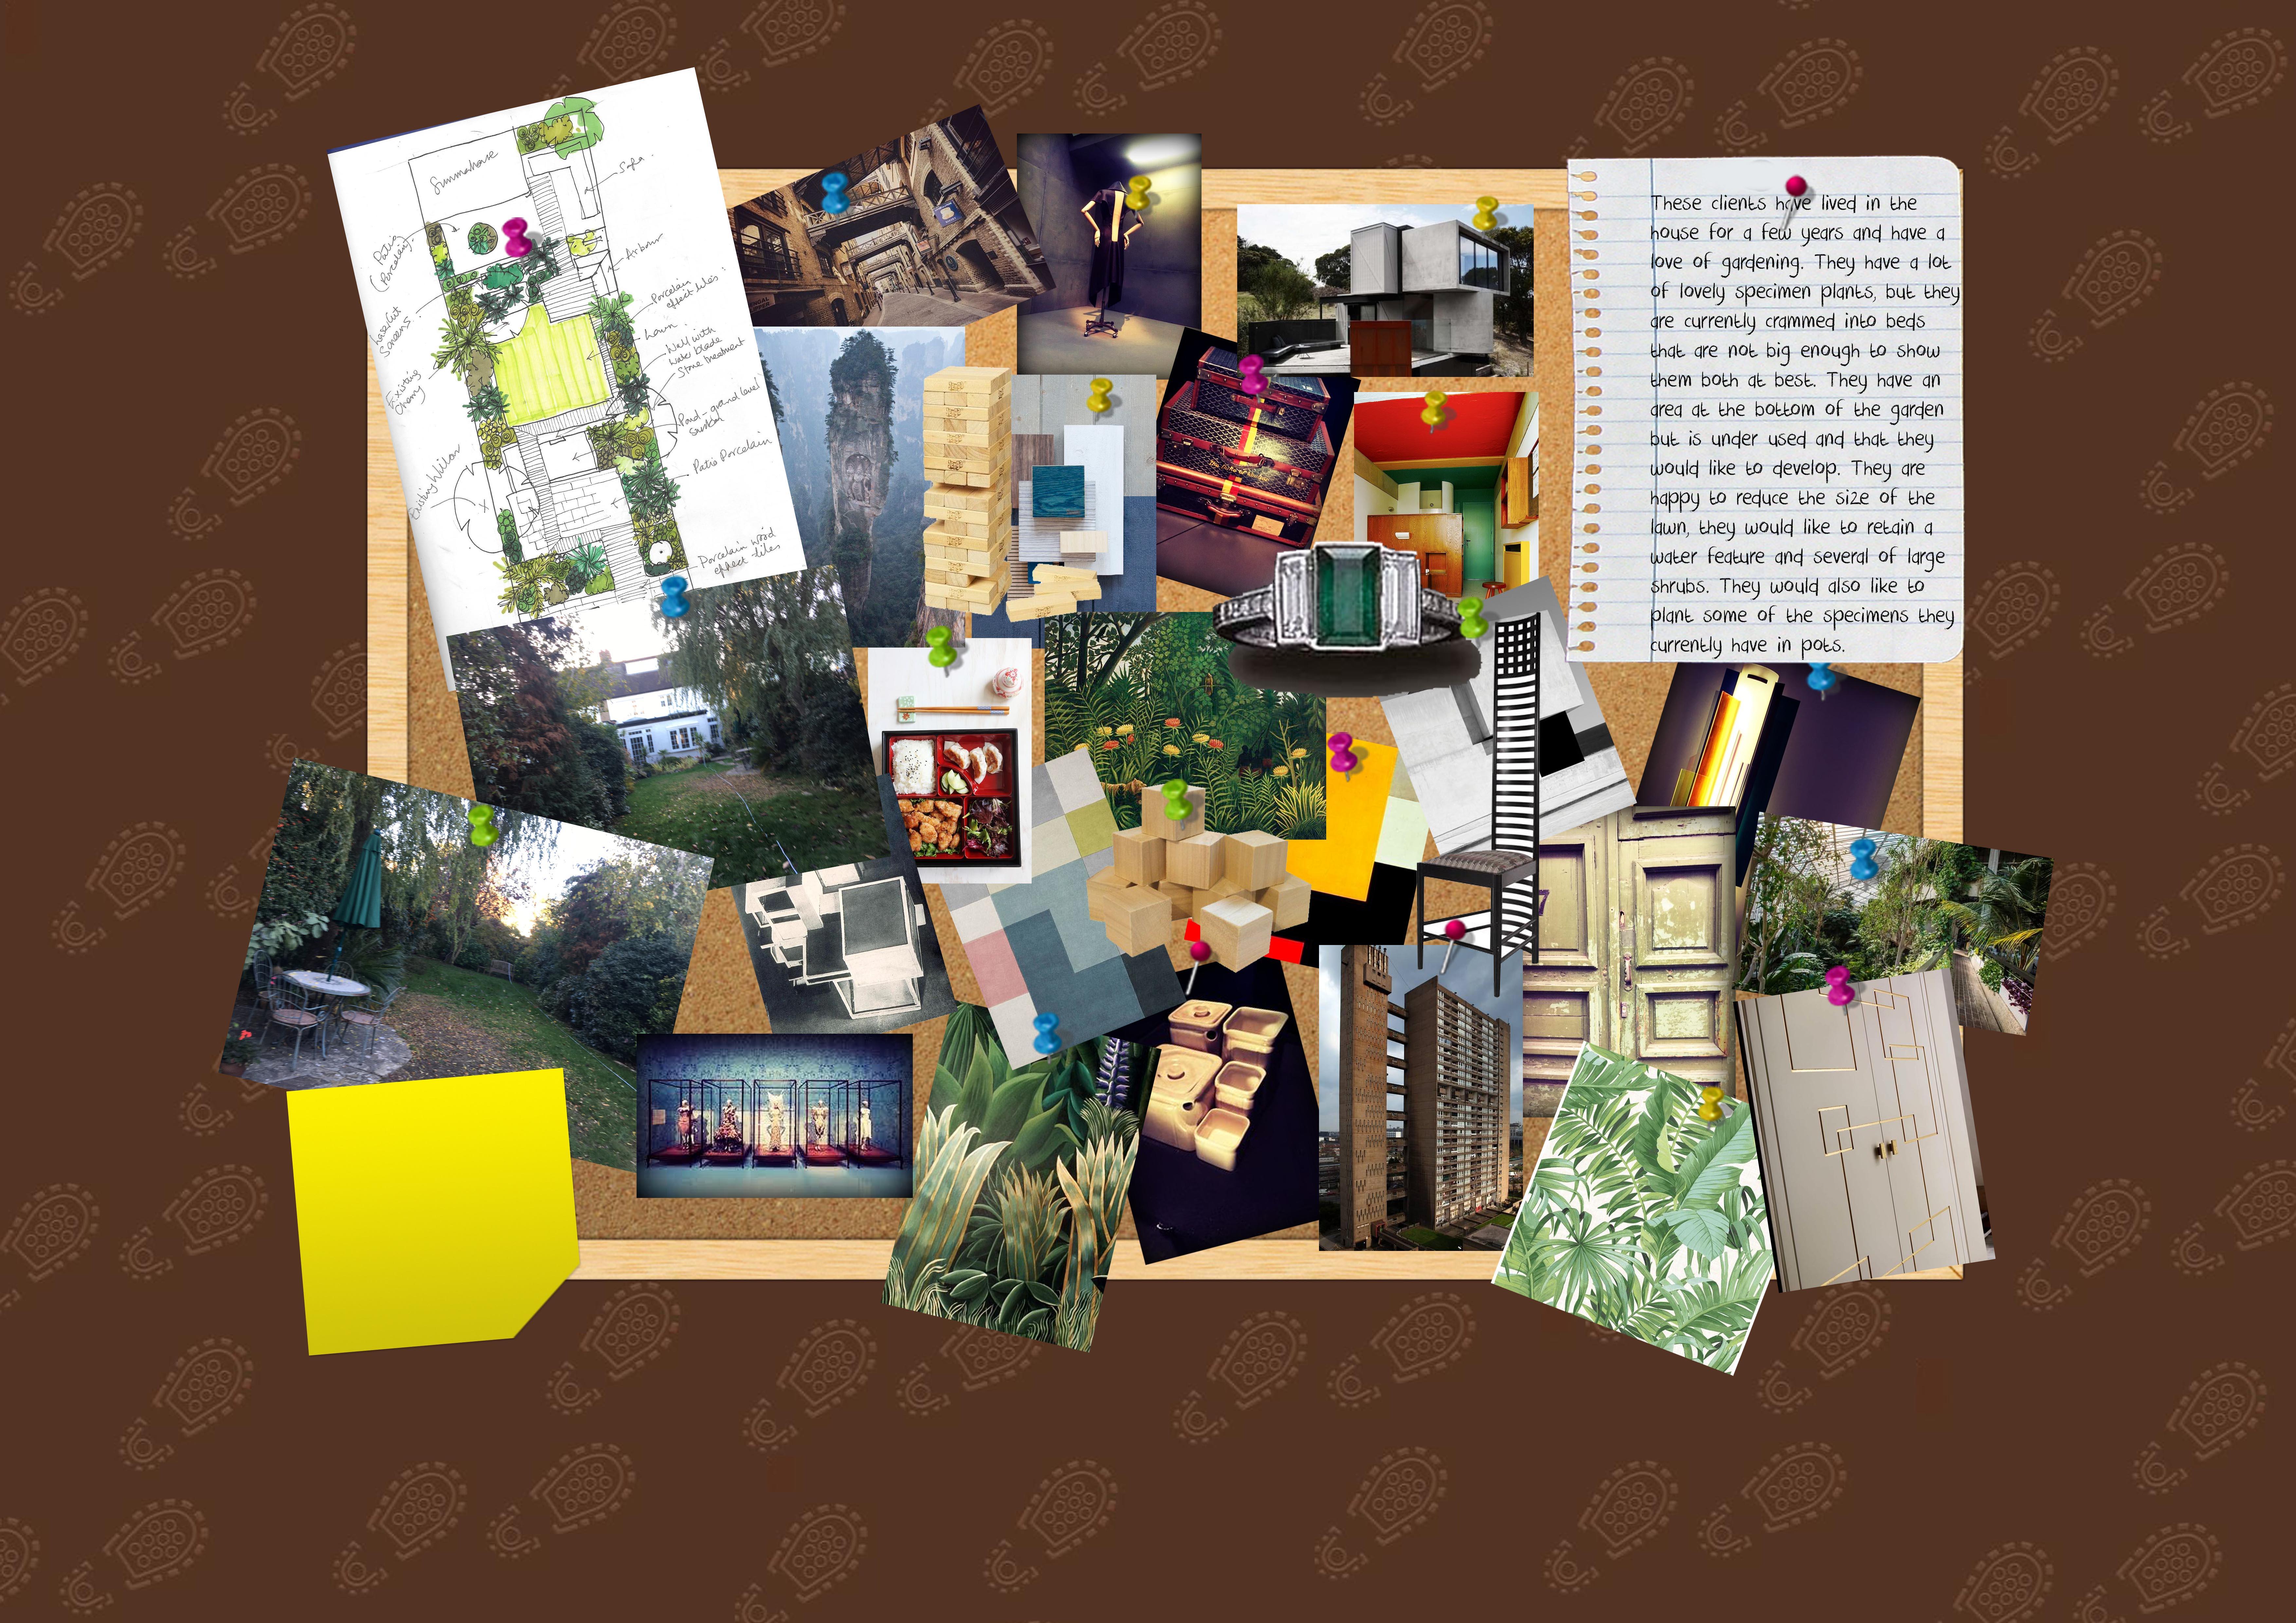 Ideas board - Earth Designs' garden layout